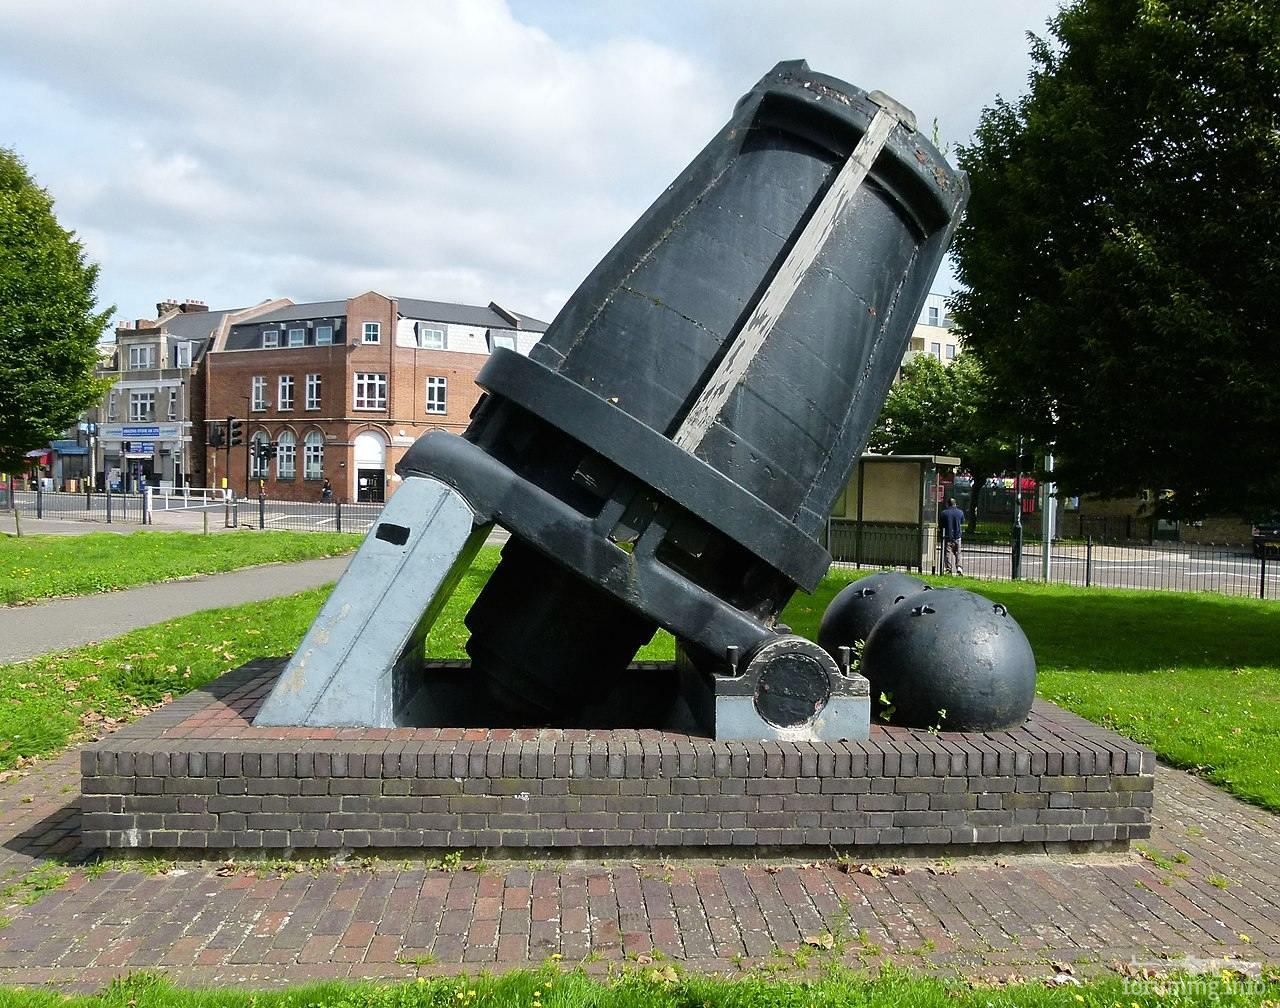 124842 - Корабельные пушки-монстры в музеях и во дворах...